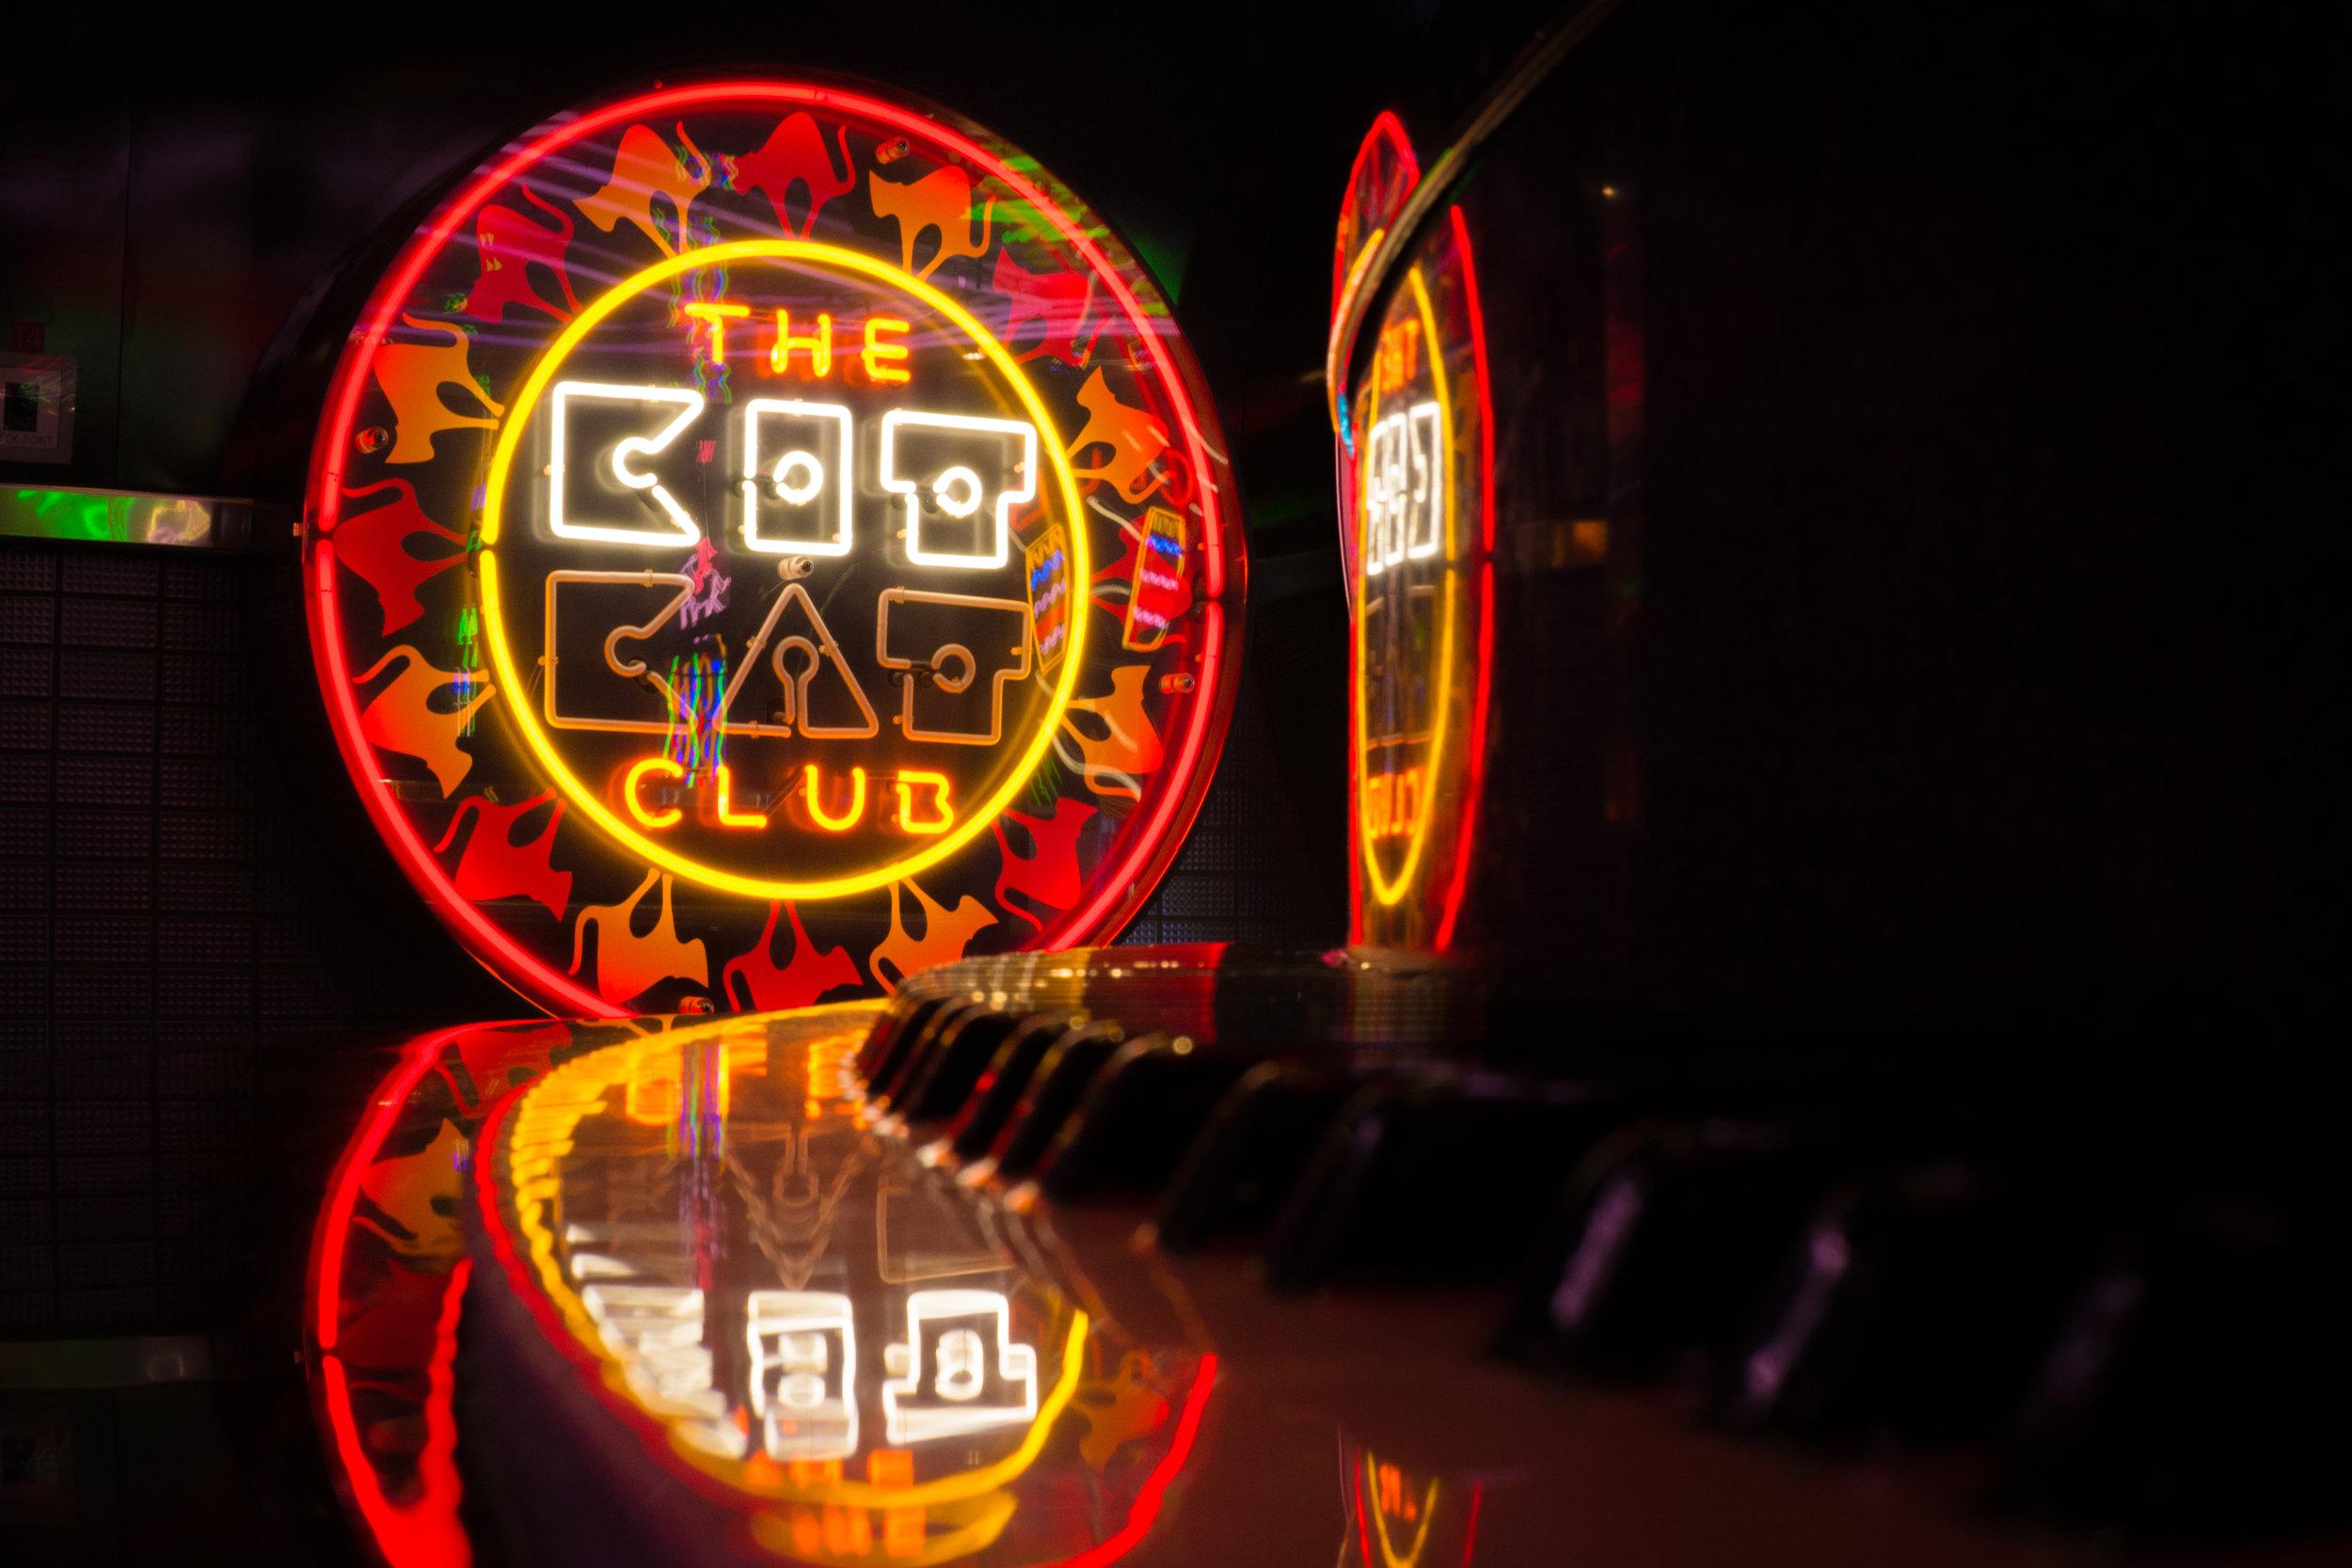 The Kit Kat Club